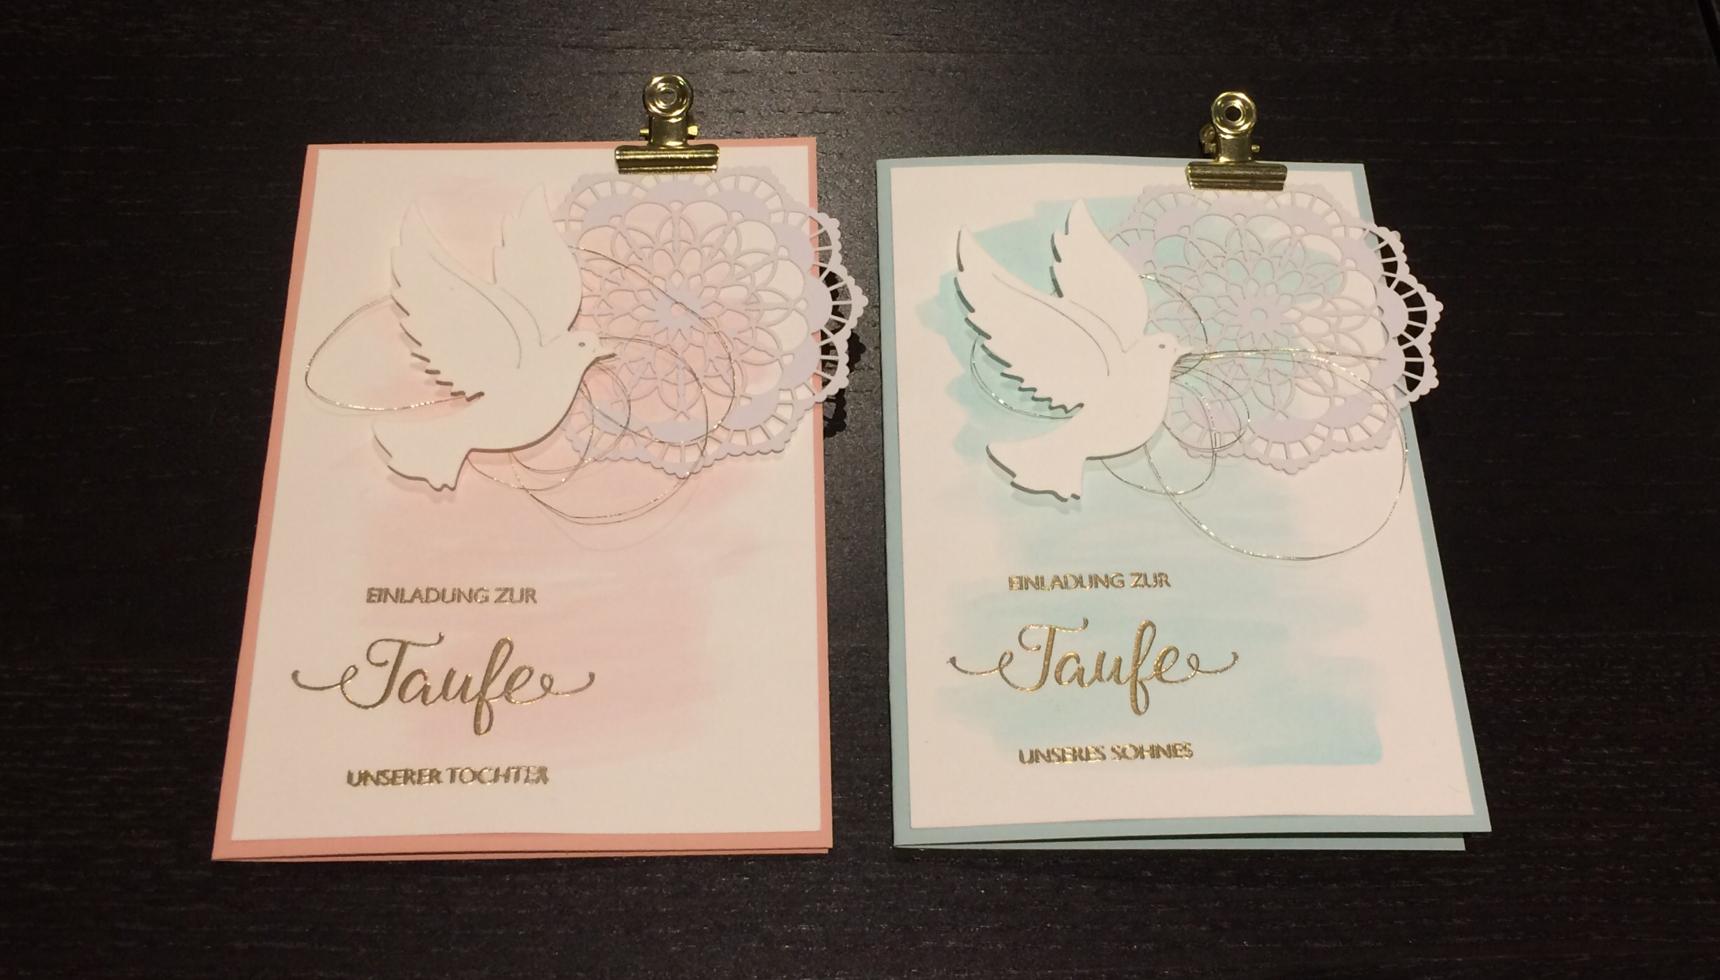 Stampin UP Taufkarte Für Junge Und Mädchen Einladungskarten Taufe Firmung